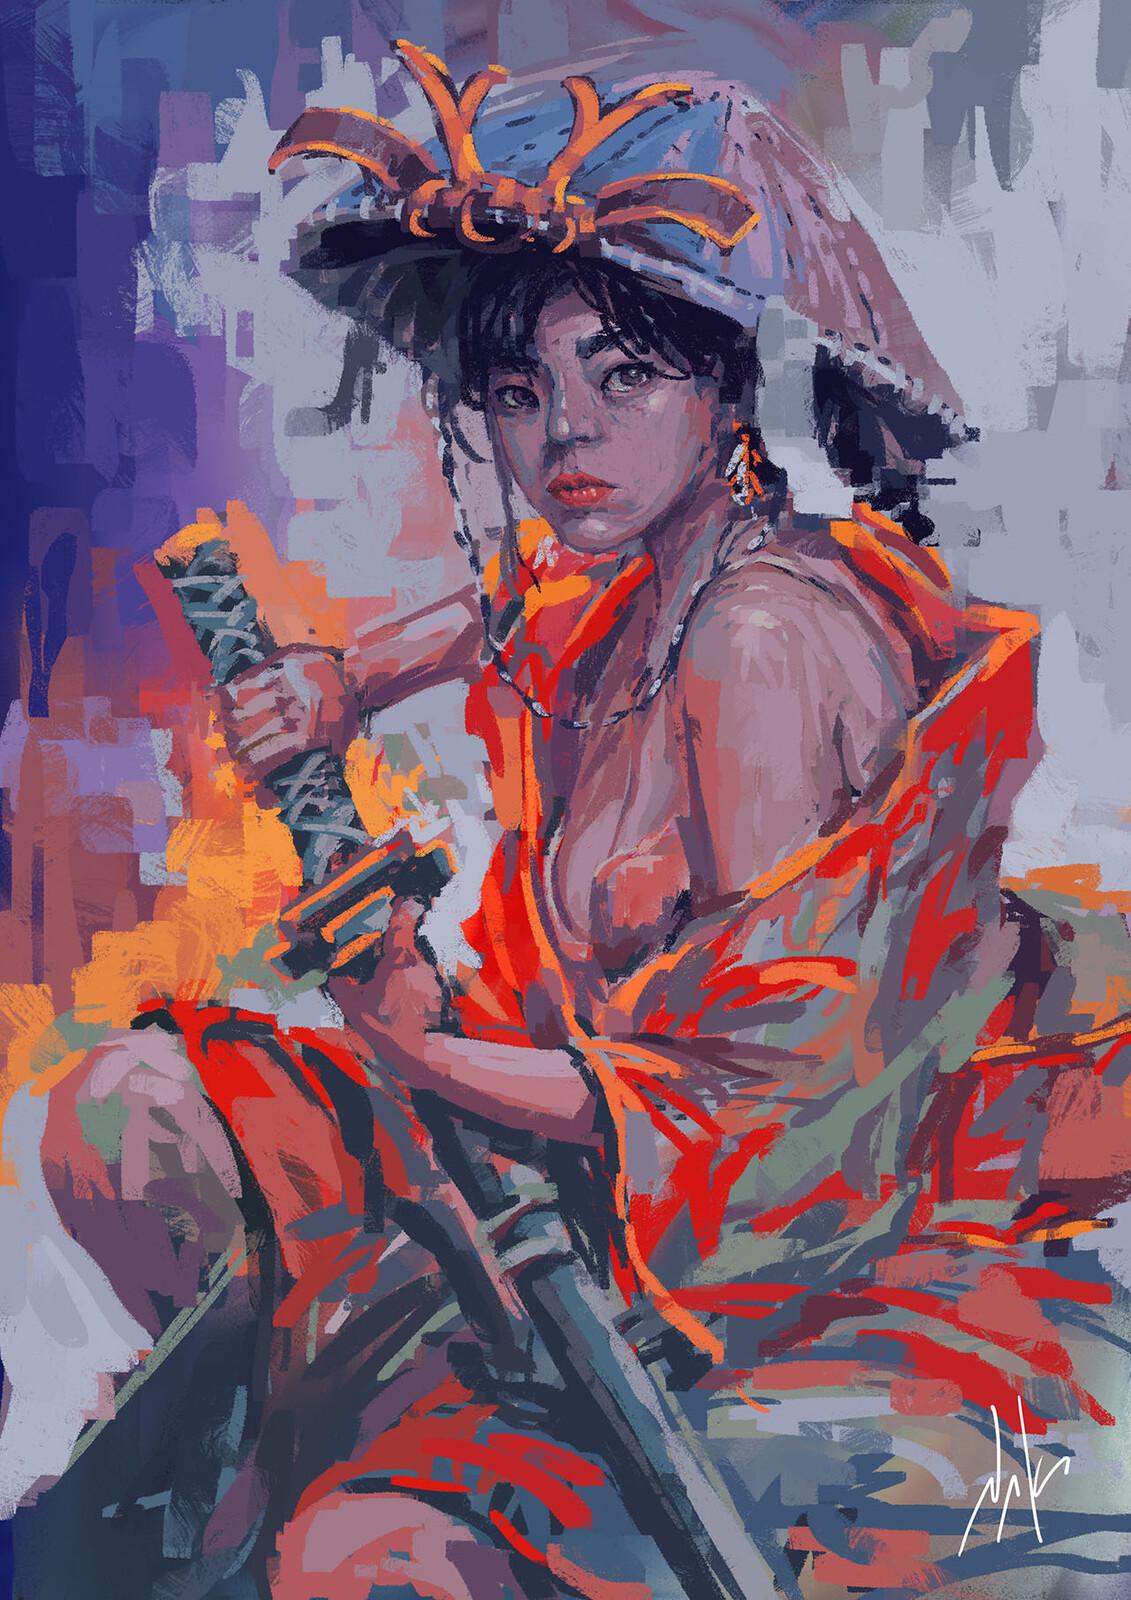 Yukata Samurai